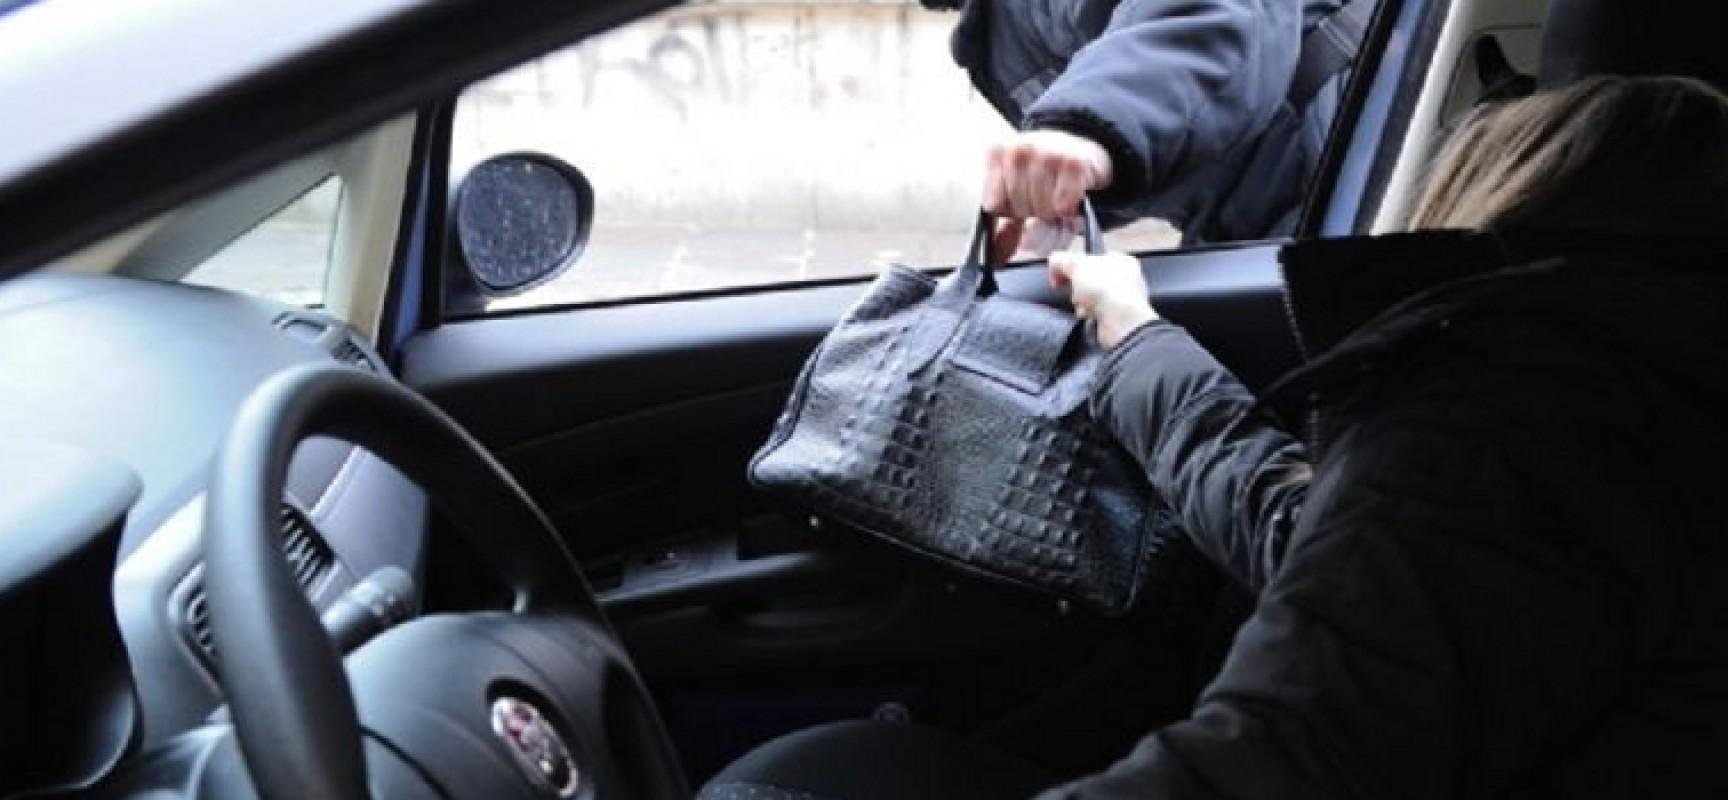 Tentativo di scippo in auto ad una donna ieri sera in via Brindisi